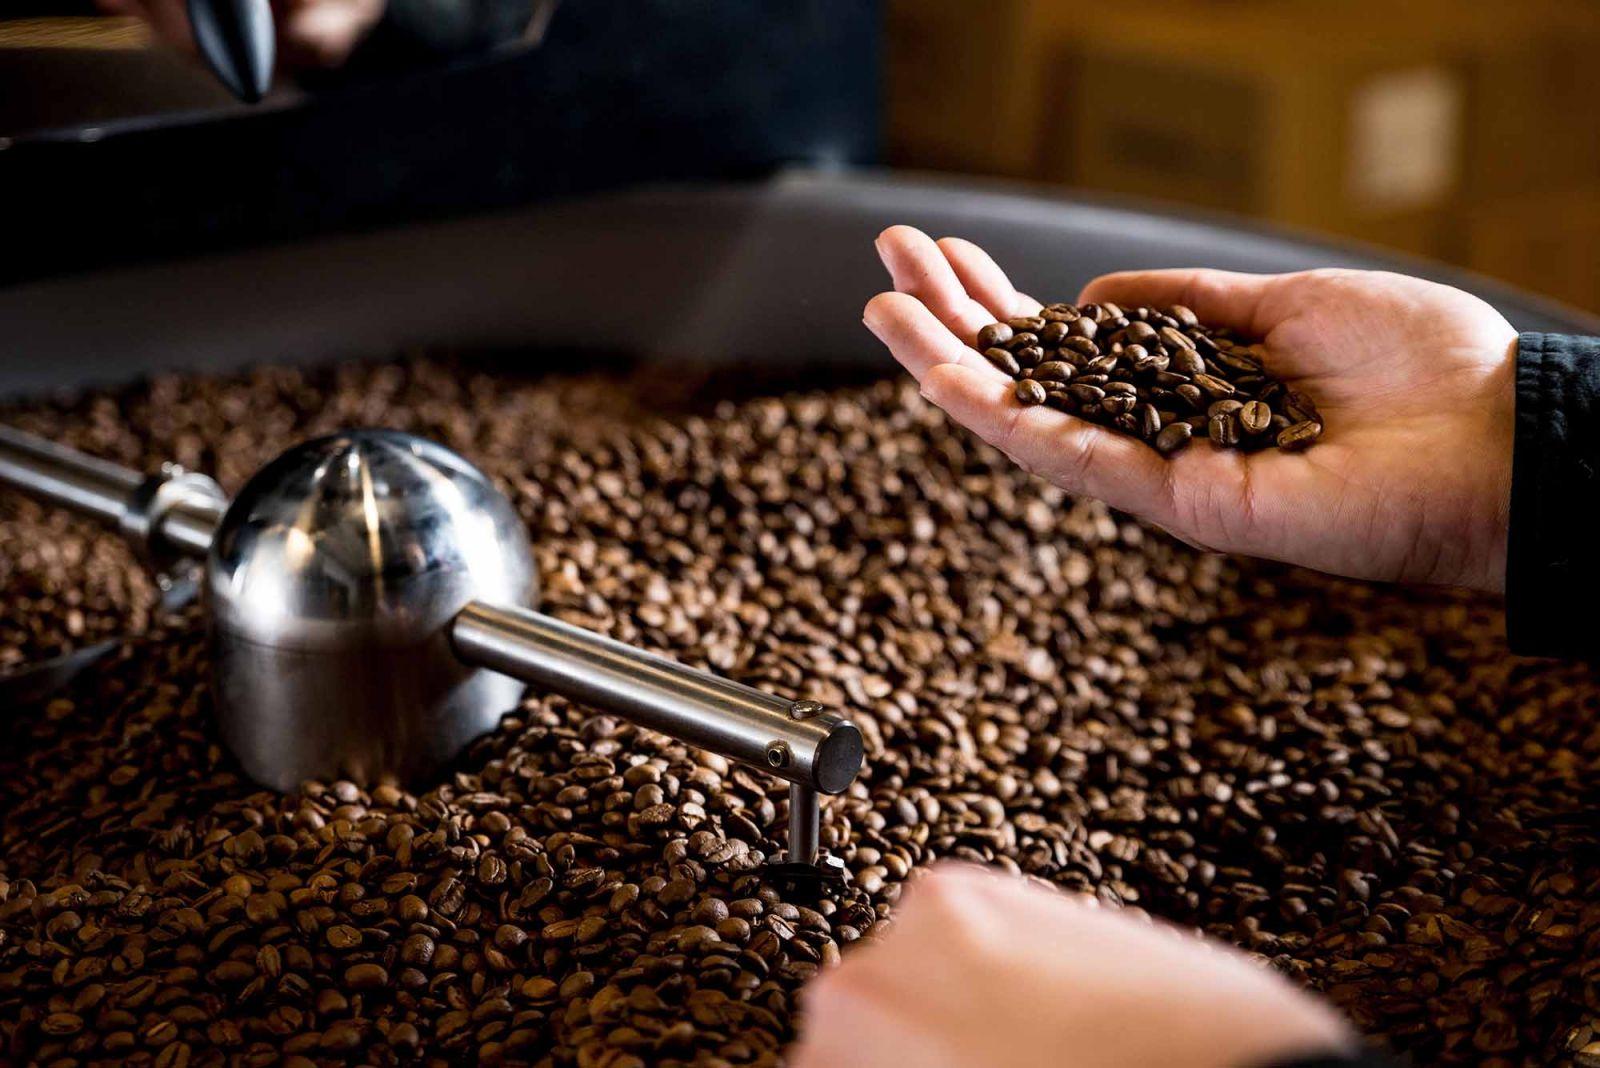 Thương hiệu gia công cà phê nào tốt nhất hiện nay